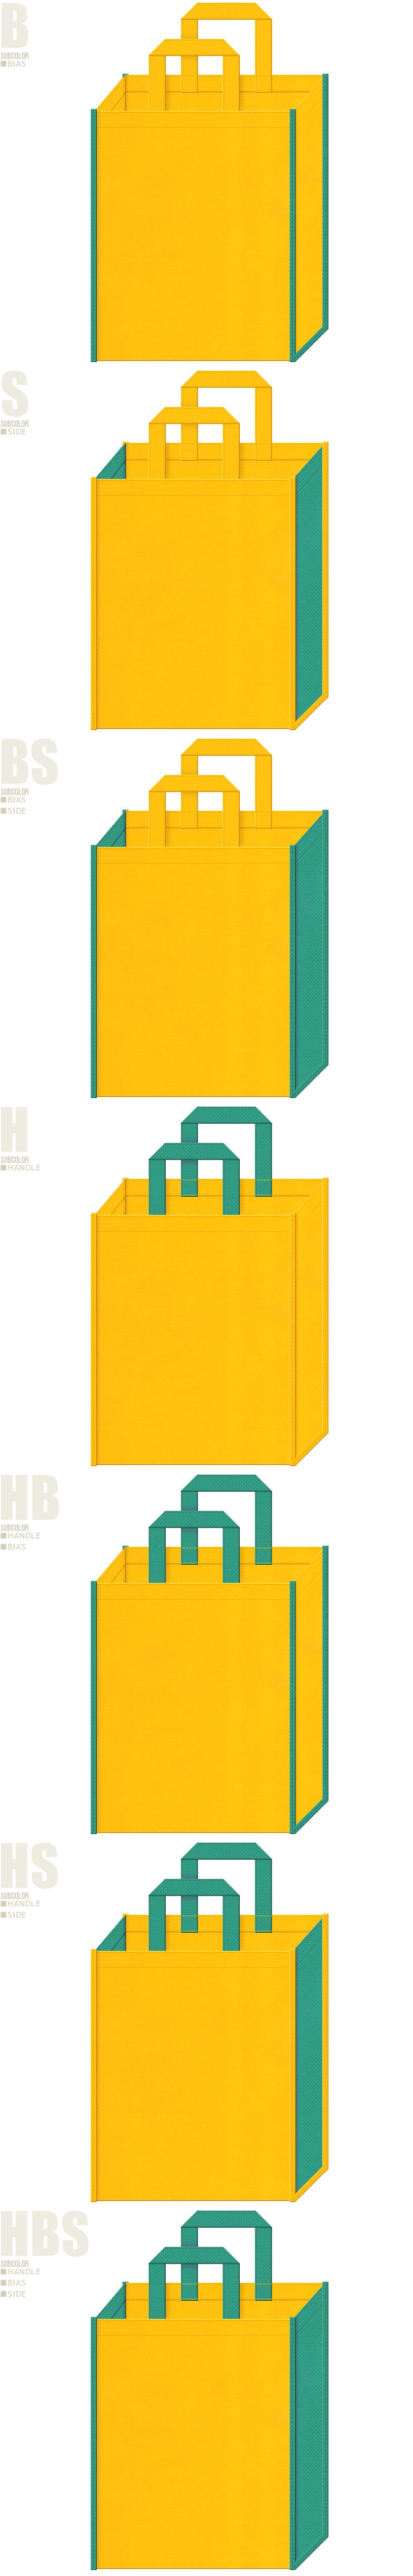 黄色と青緑色、7パターンの不織布バッグデザイン。通園バッグ・おもちゃ・テーマパーク・キッズ向けの不織布バッグにお奨めの配色です。